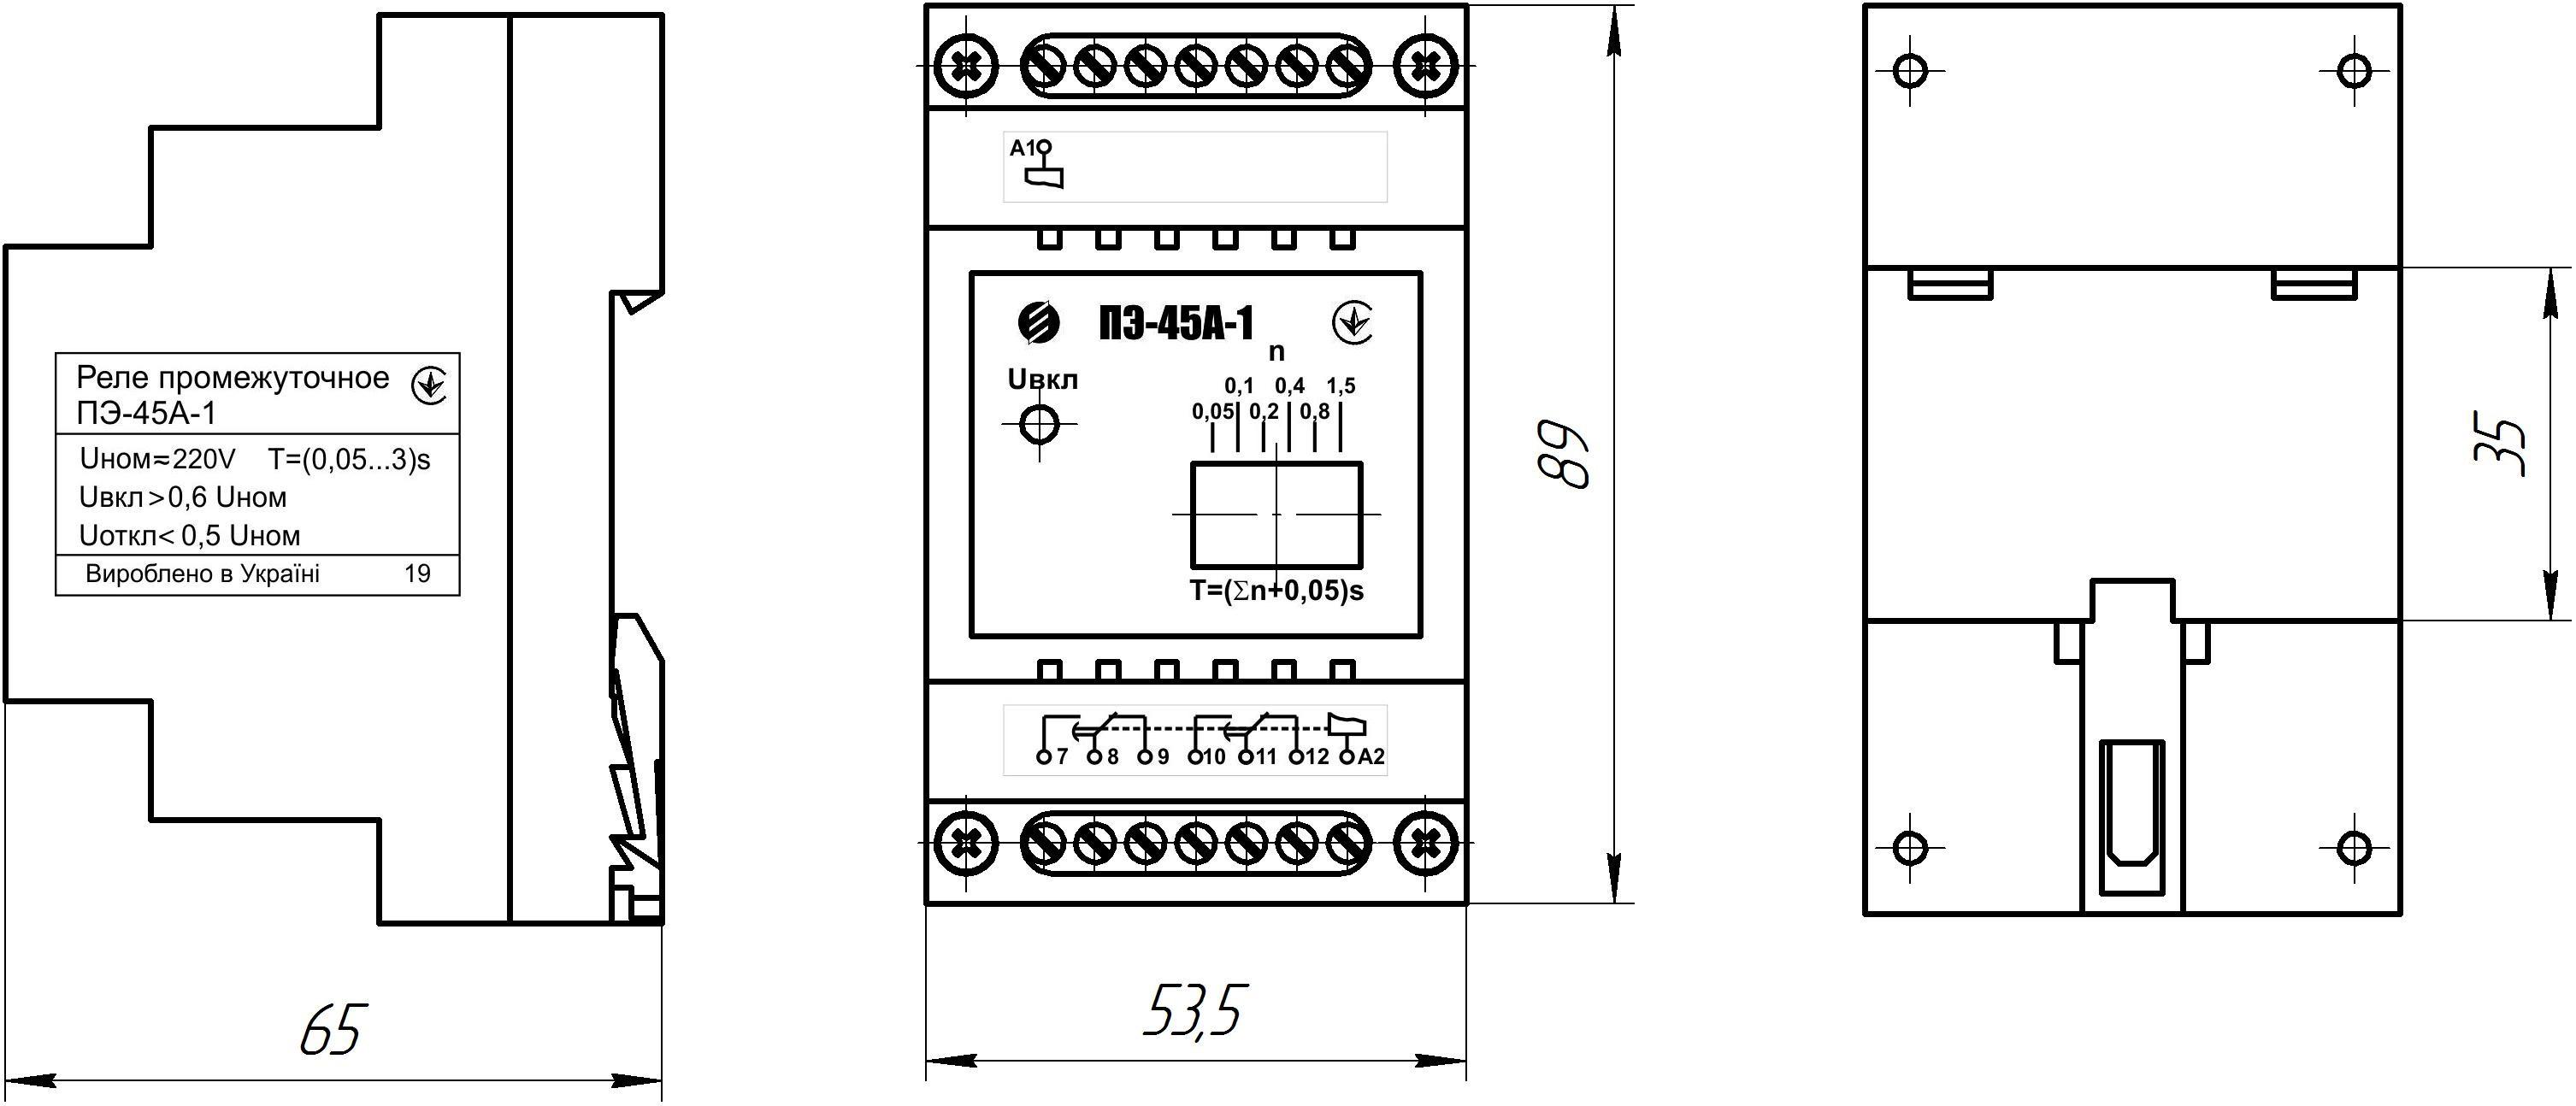 ПЭ45А-1 - габаритные, установочные и присоединительные размеры